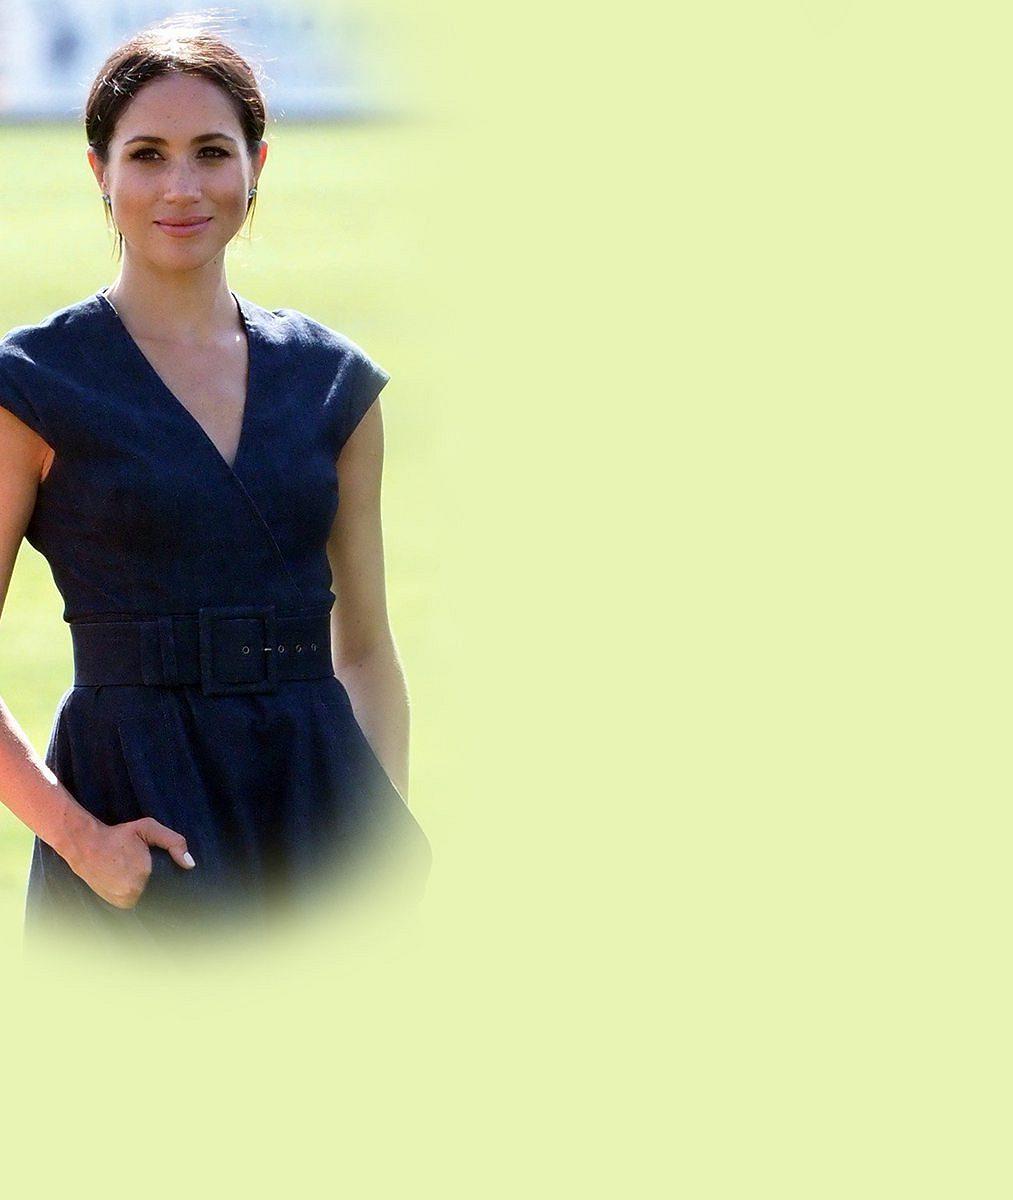 Meghan vévodkyně ze Sussexu